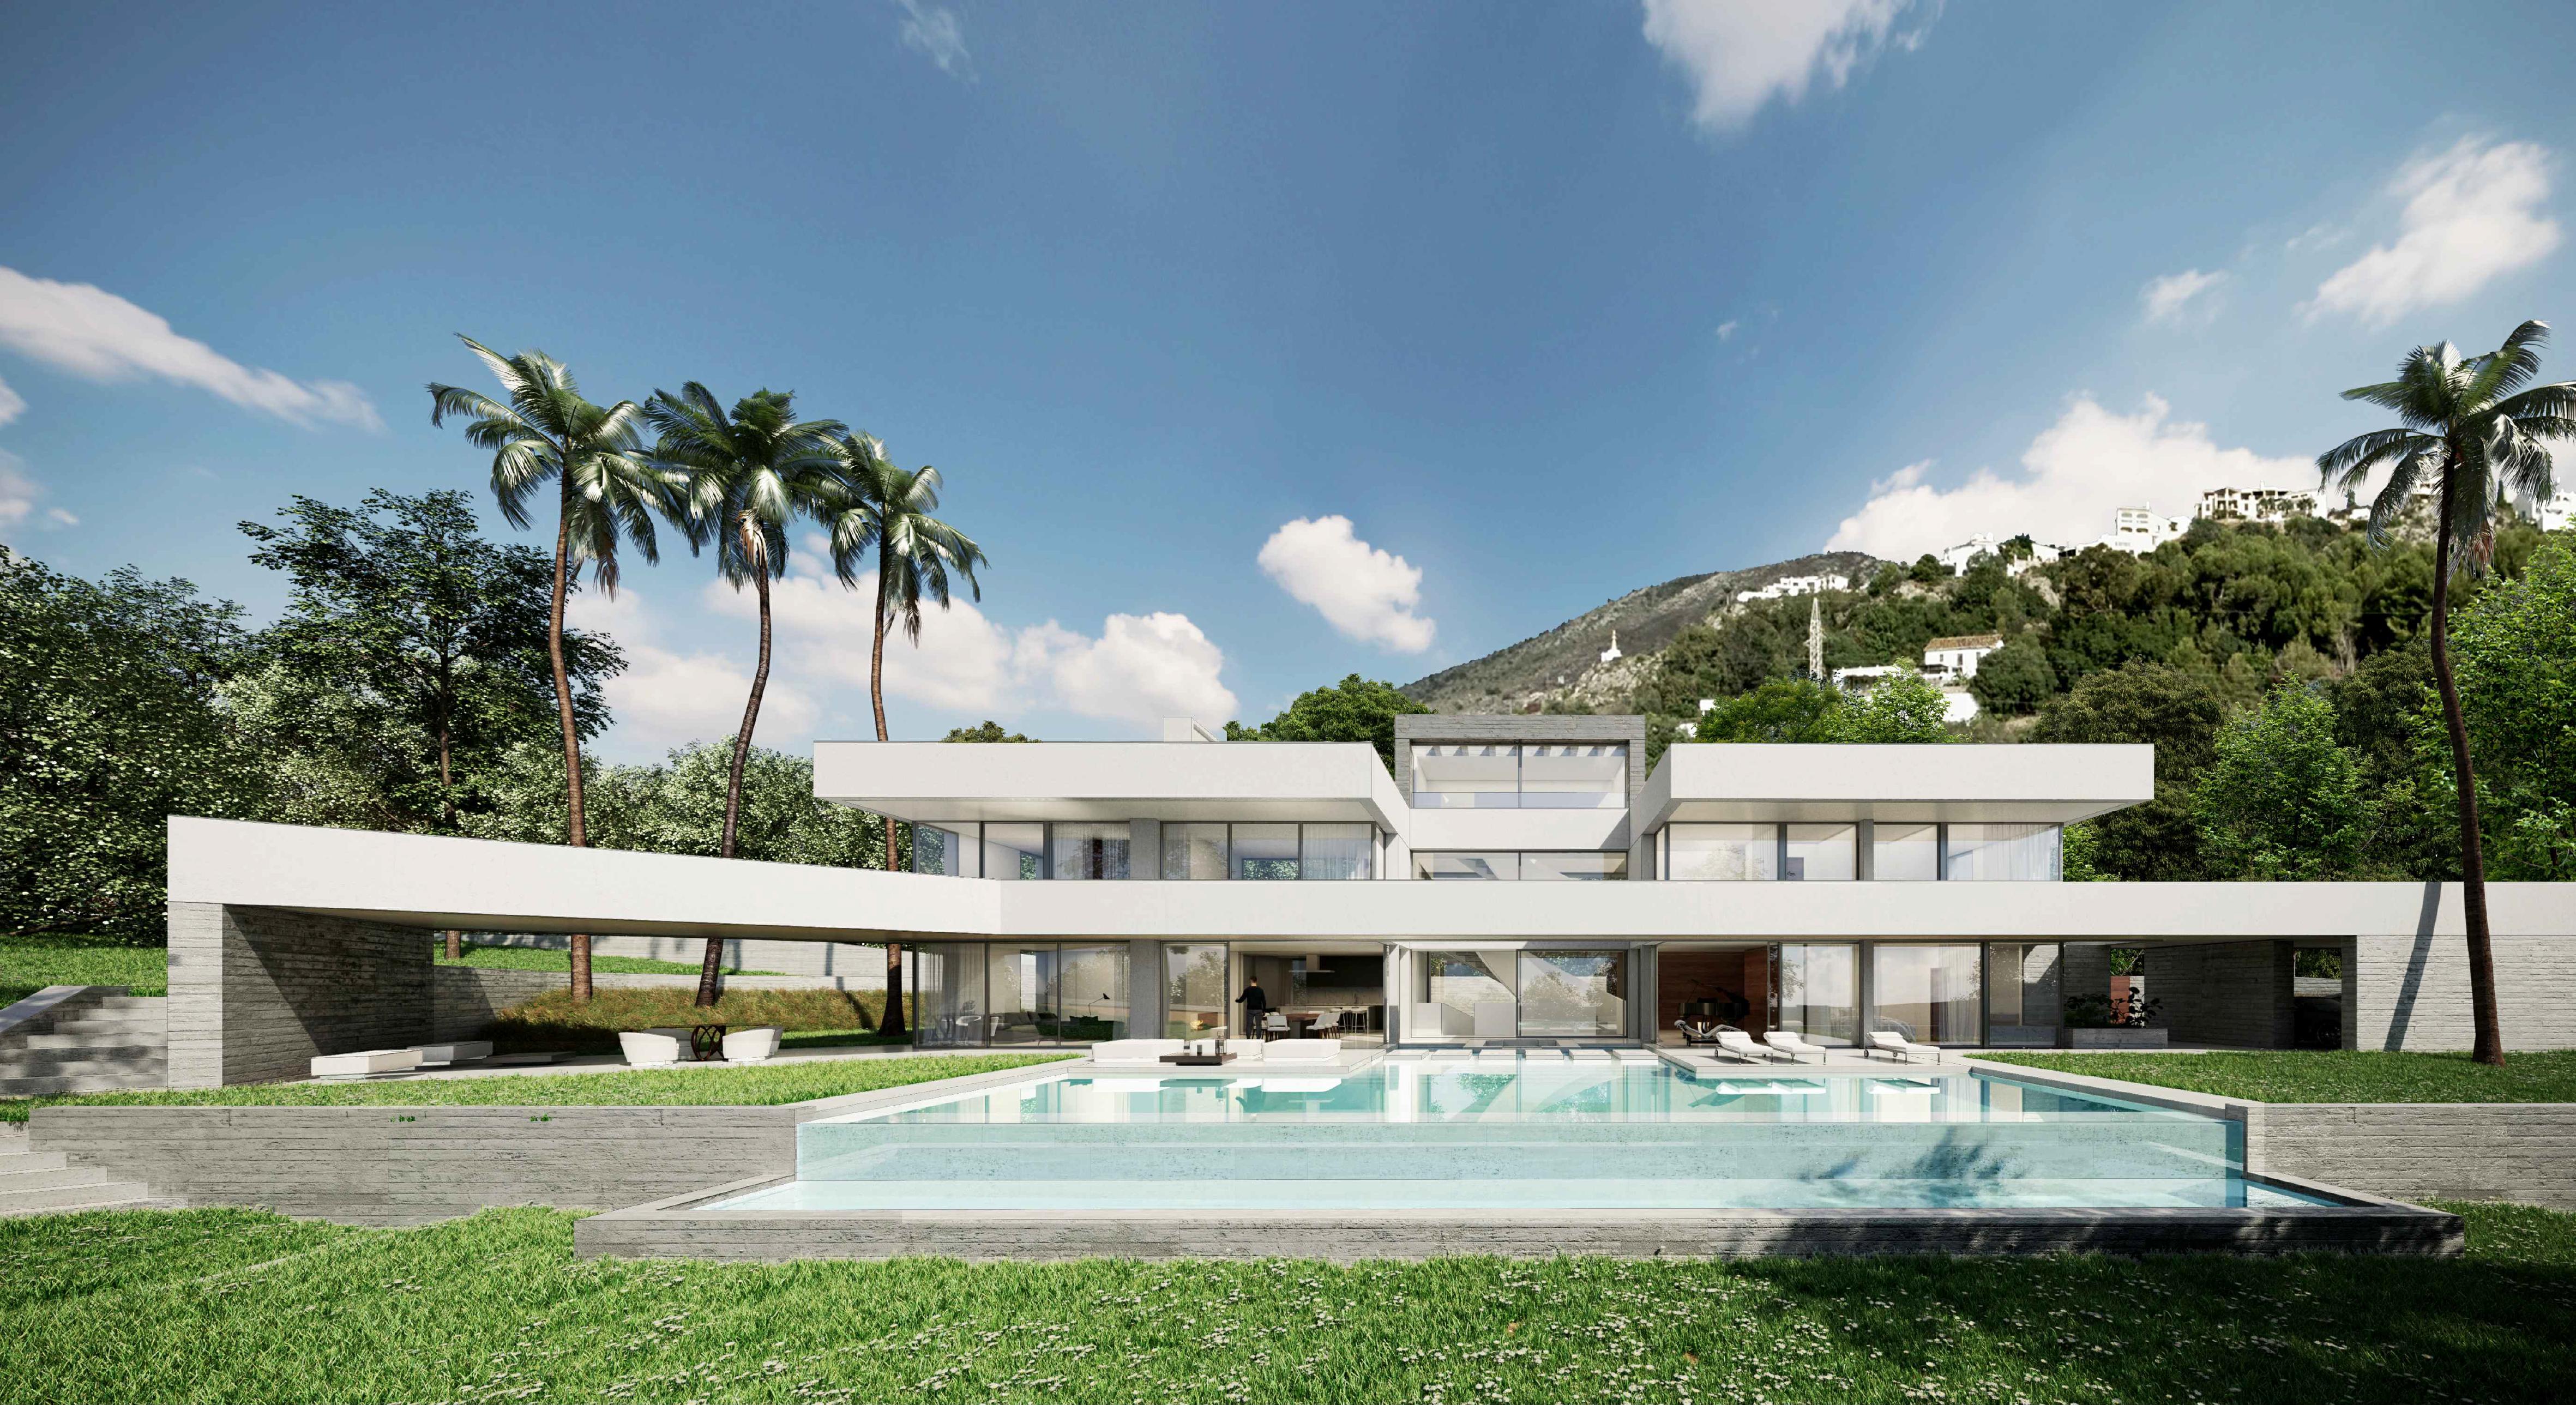 Cette villa est conçue dans un style architectural contemporain